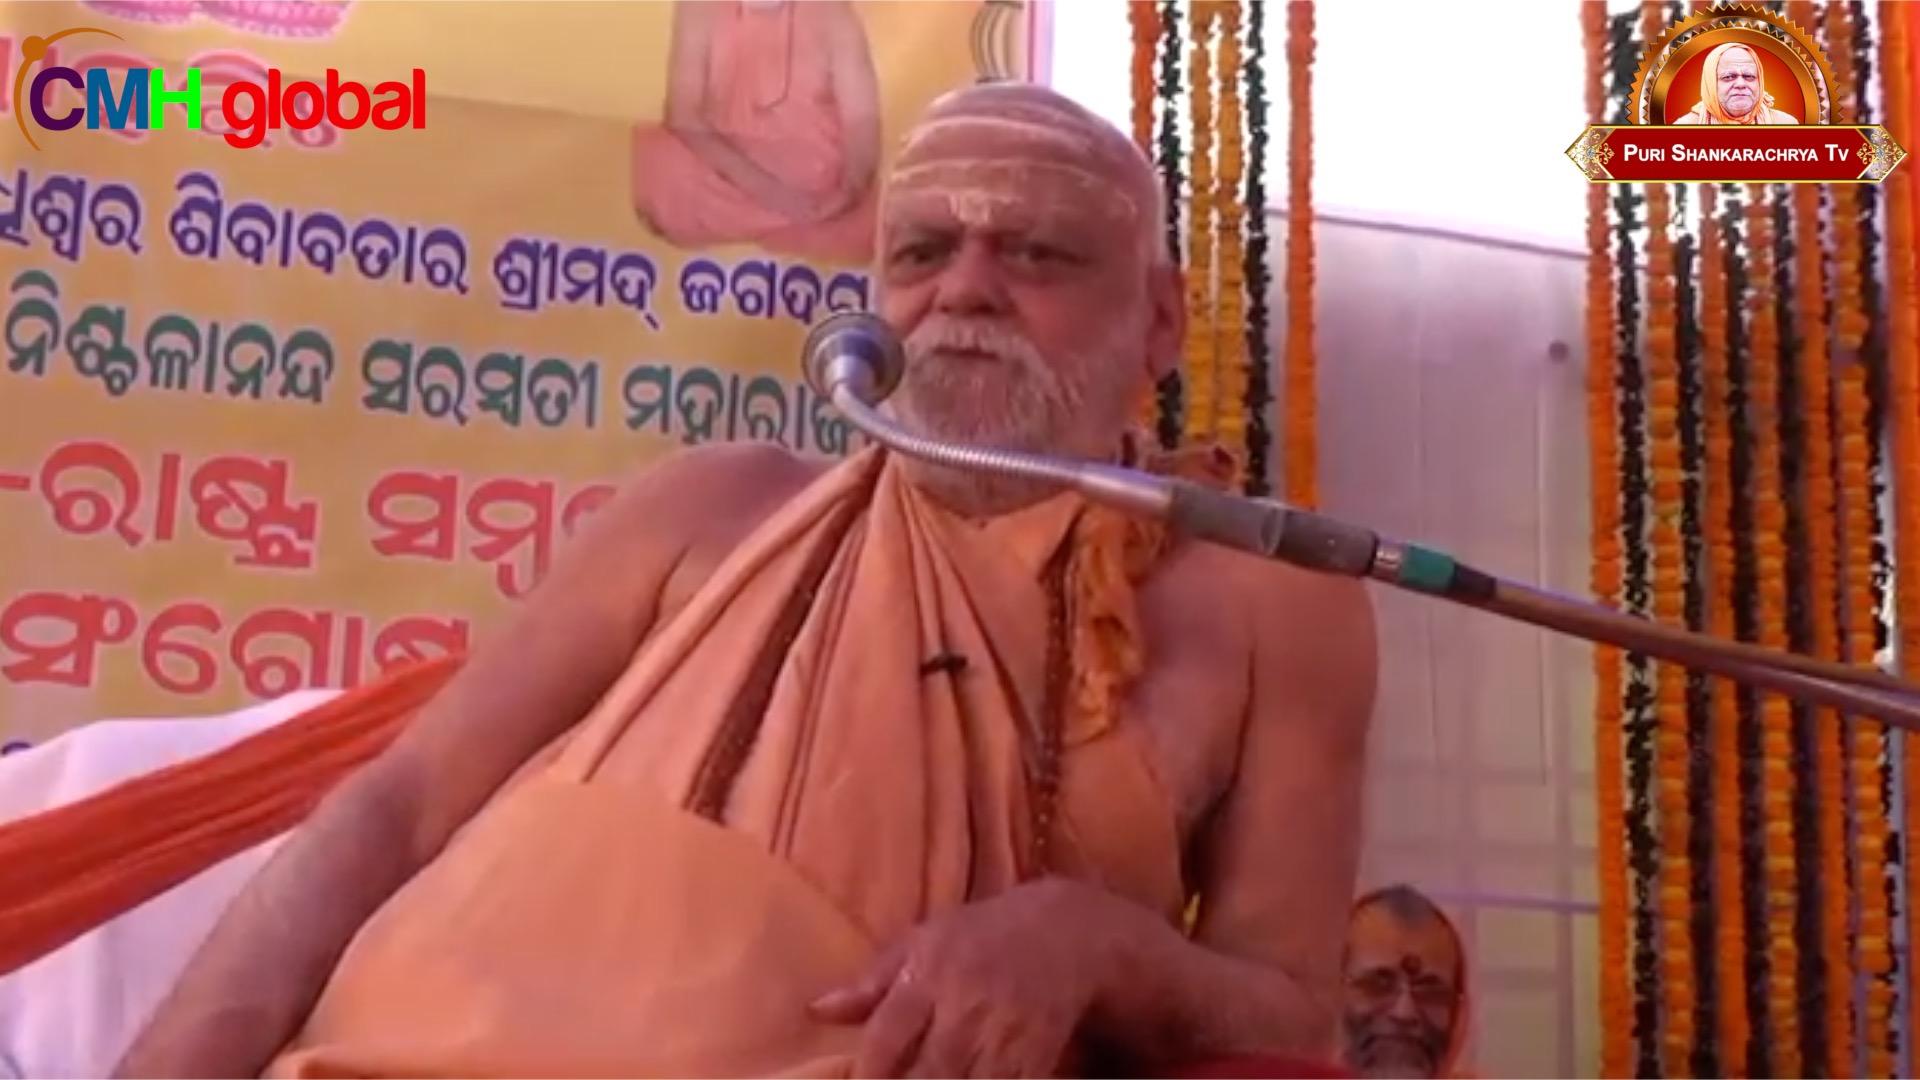 Gyan Dhara Ep -07 by Puri Shankaracharya Swami Nishchalananda Saraswati Ji